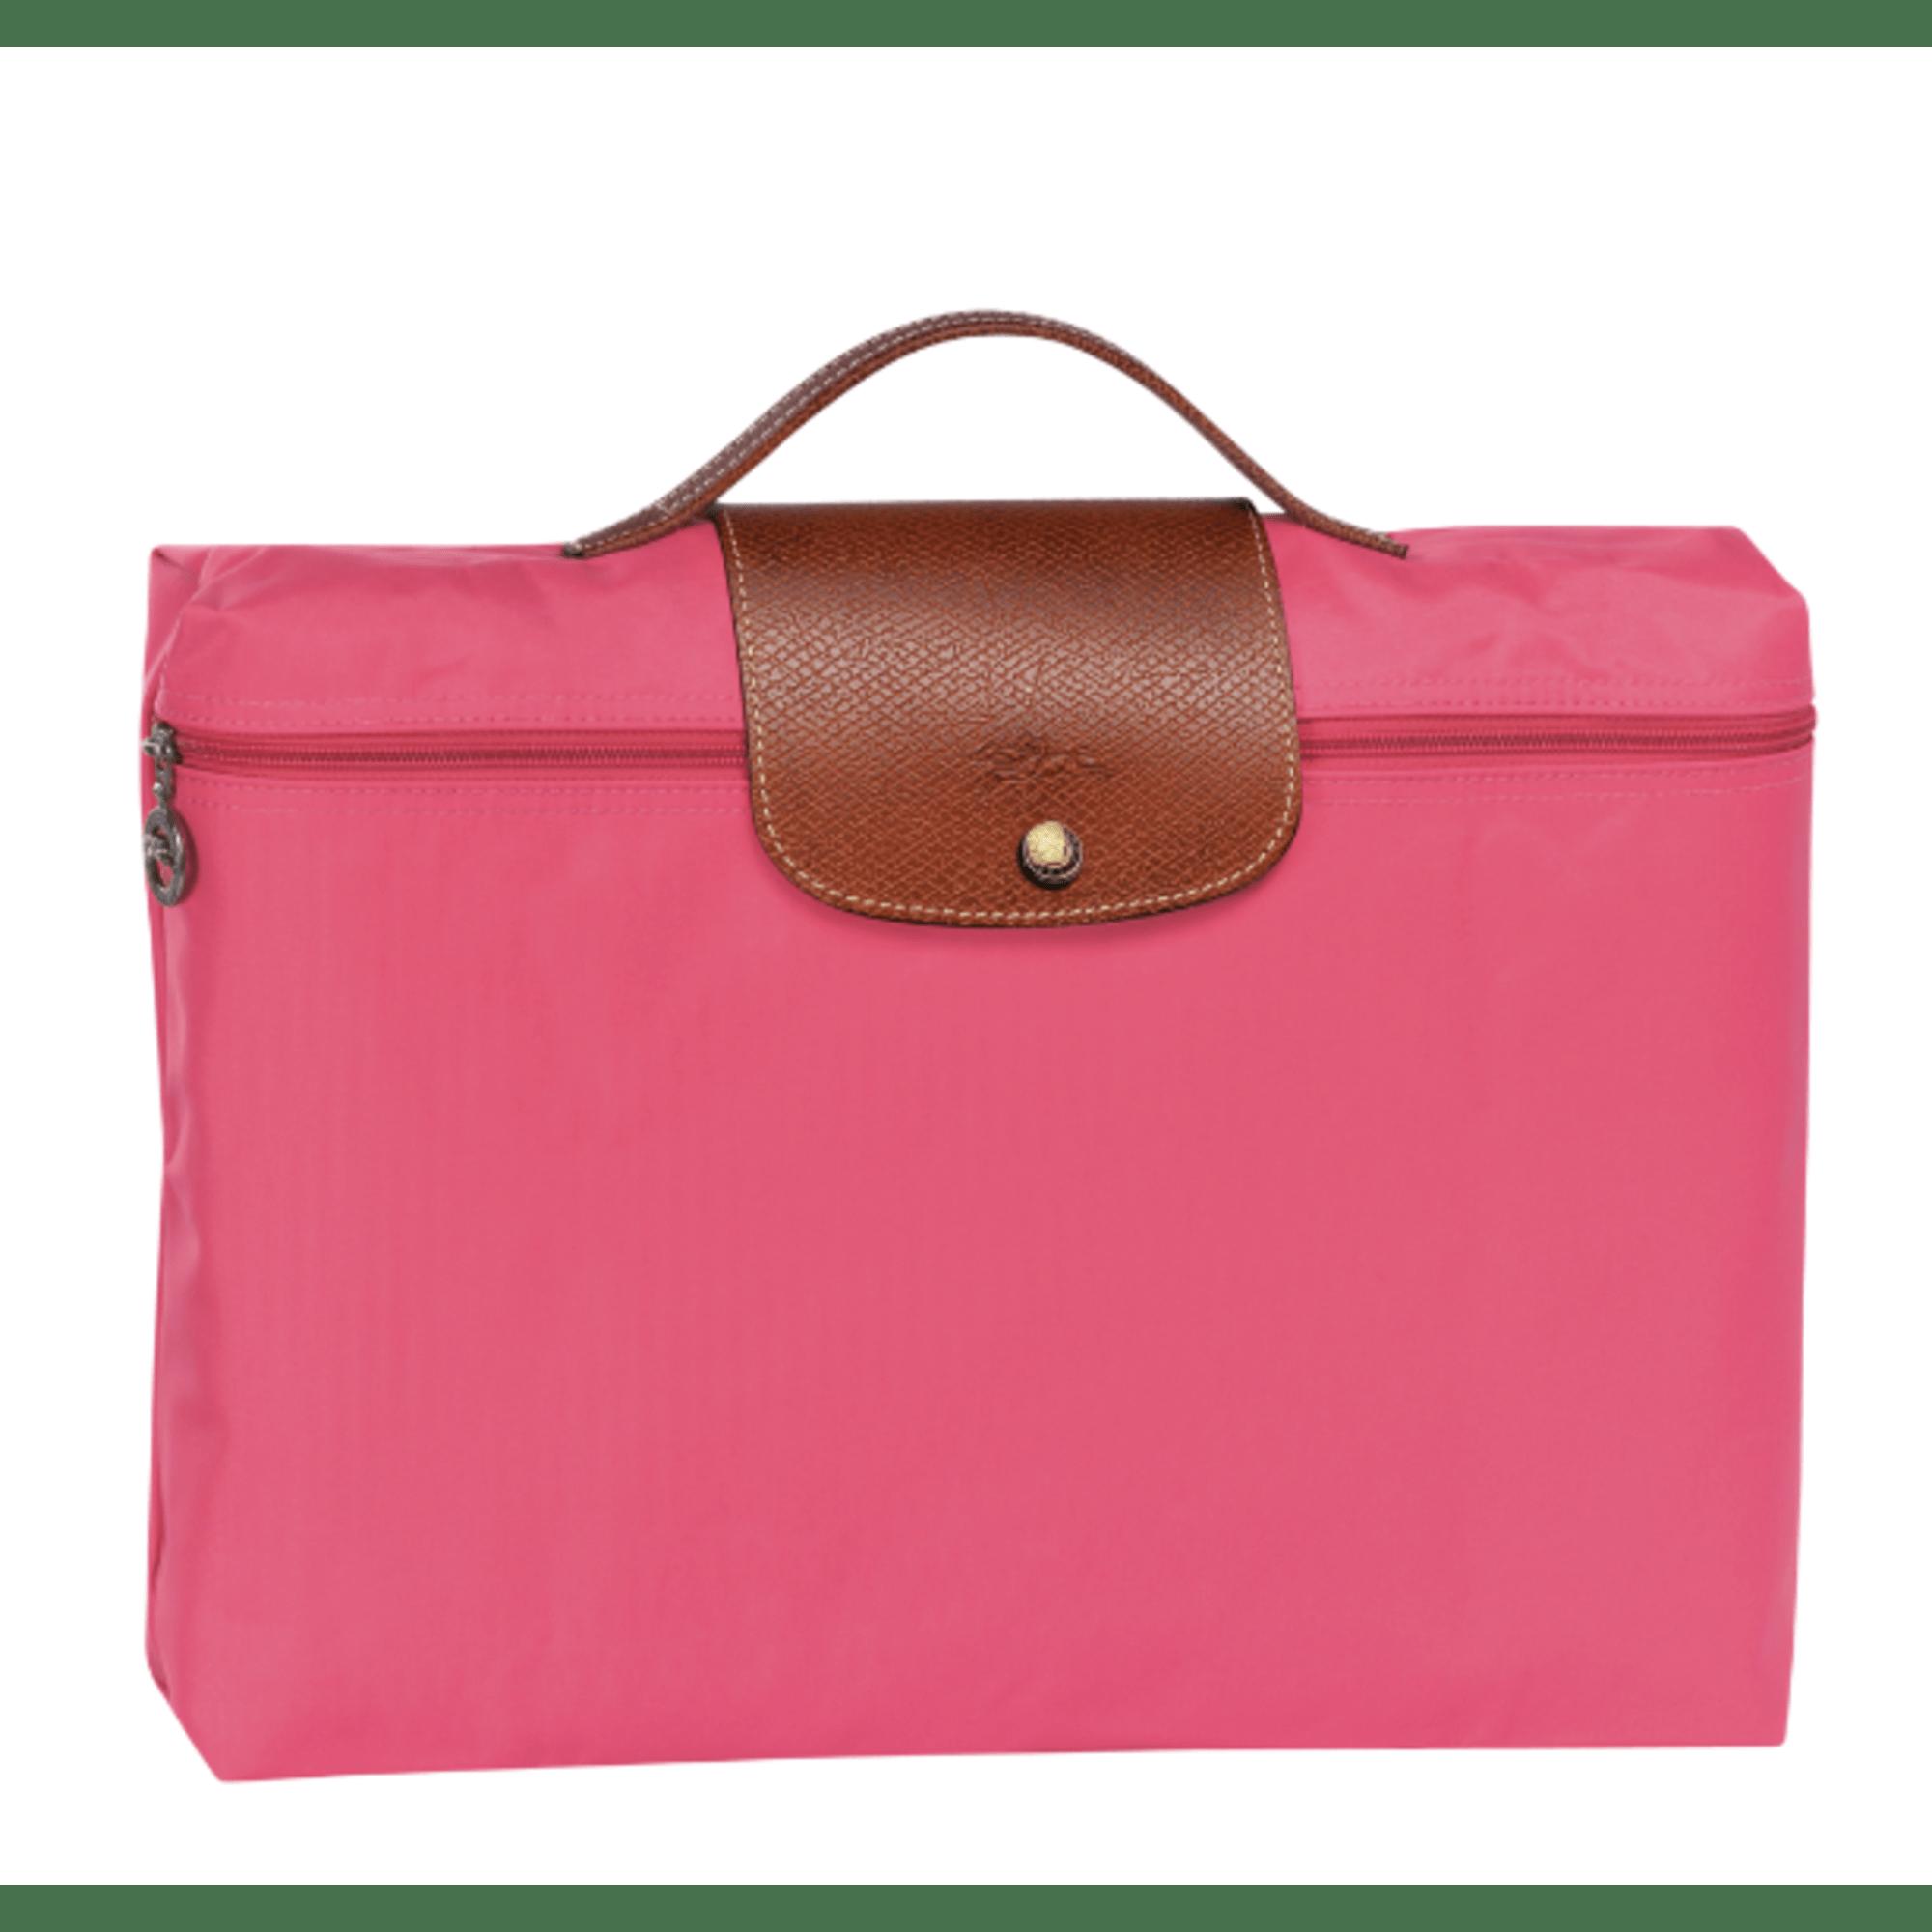 Fuschia Rose Sac En Vieux Rose Longchamp Pochette Cuir xxqwpUH